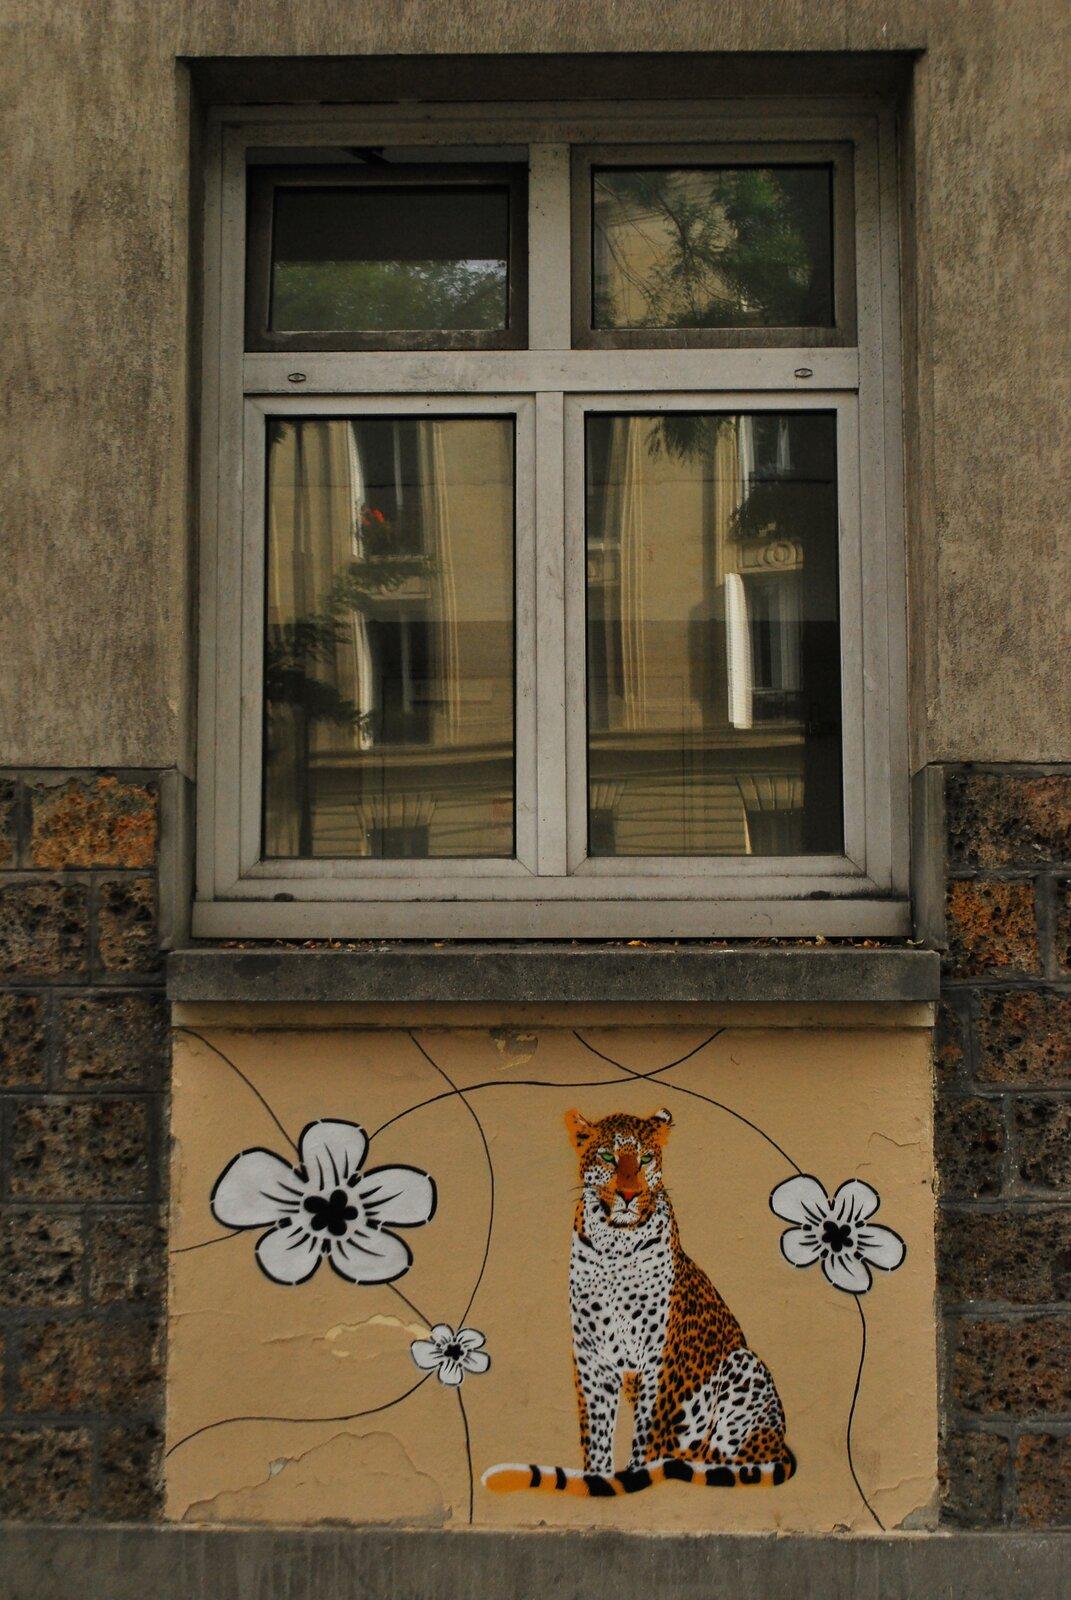 Ilustracja przedstawia mural Mosko et Associes. Ukazuje wydzielony pod oknem żółty kwadrat, na którym namalowany jest siedzący tygrys oraz białe kwiaty na czarnych, wijących się łodygach.